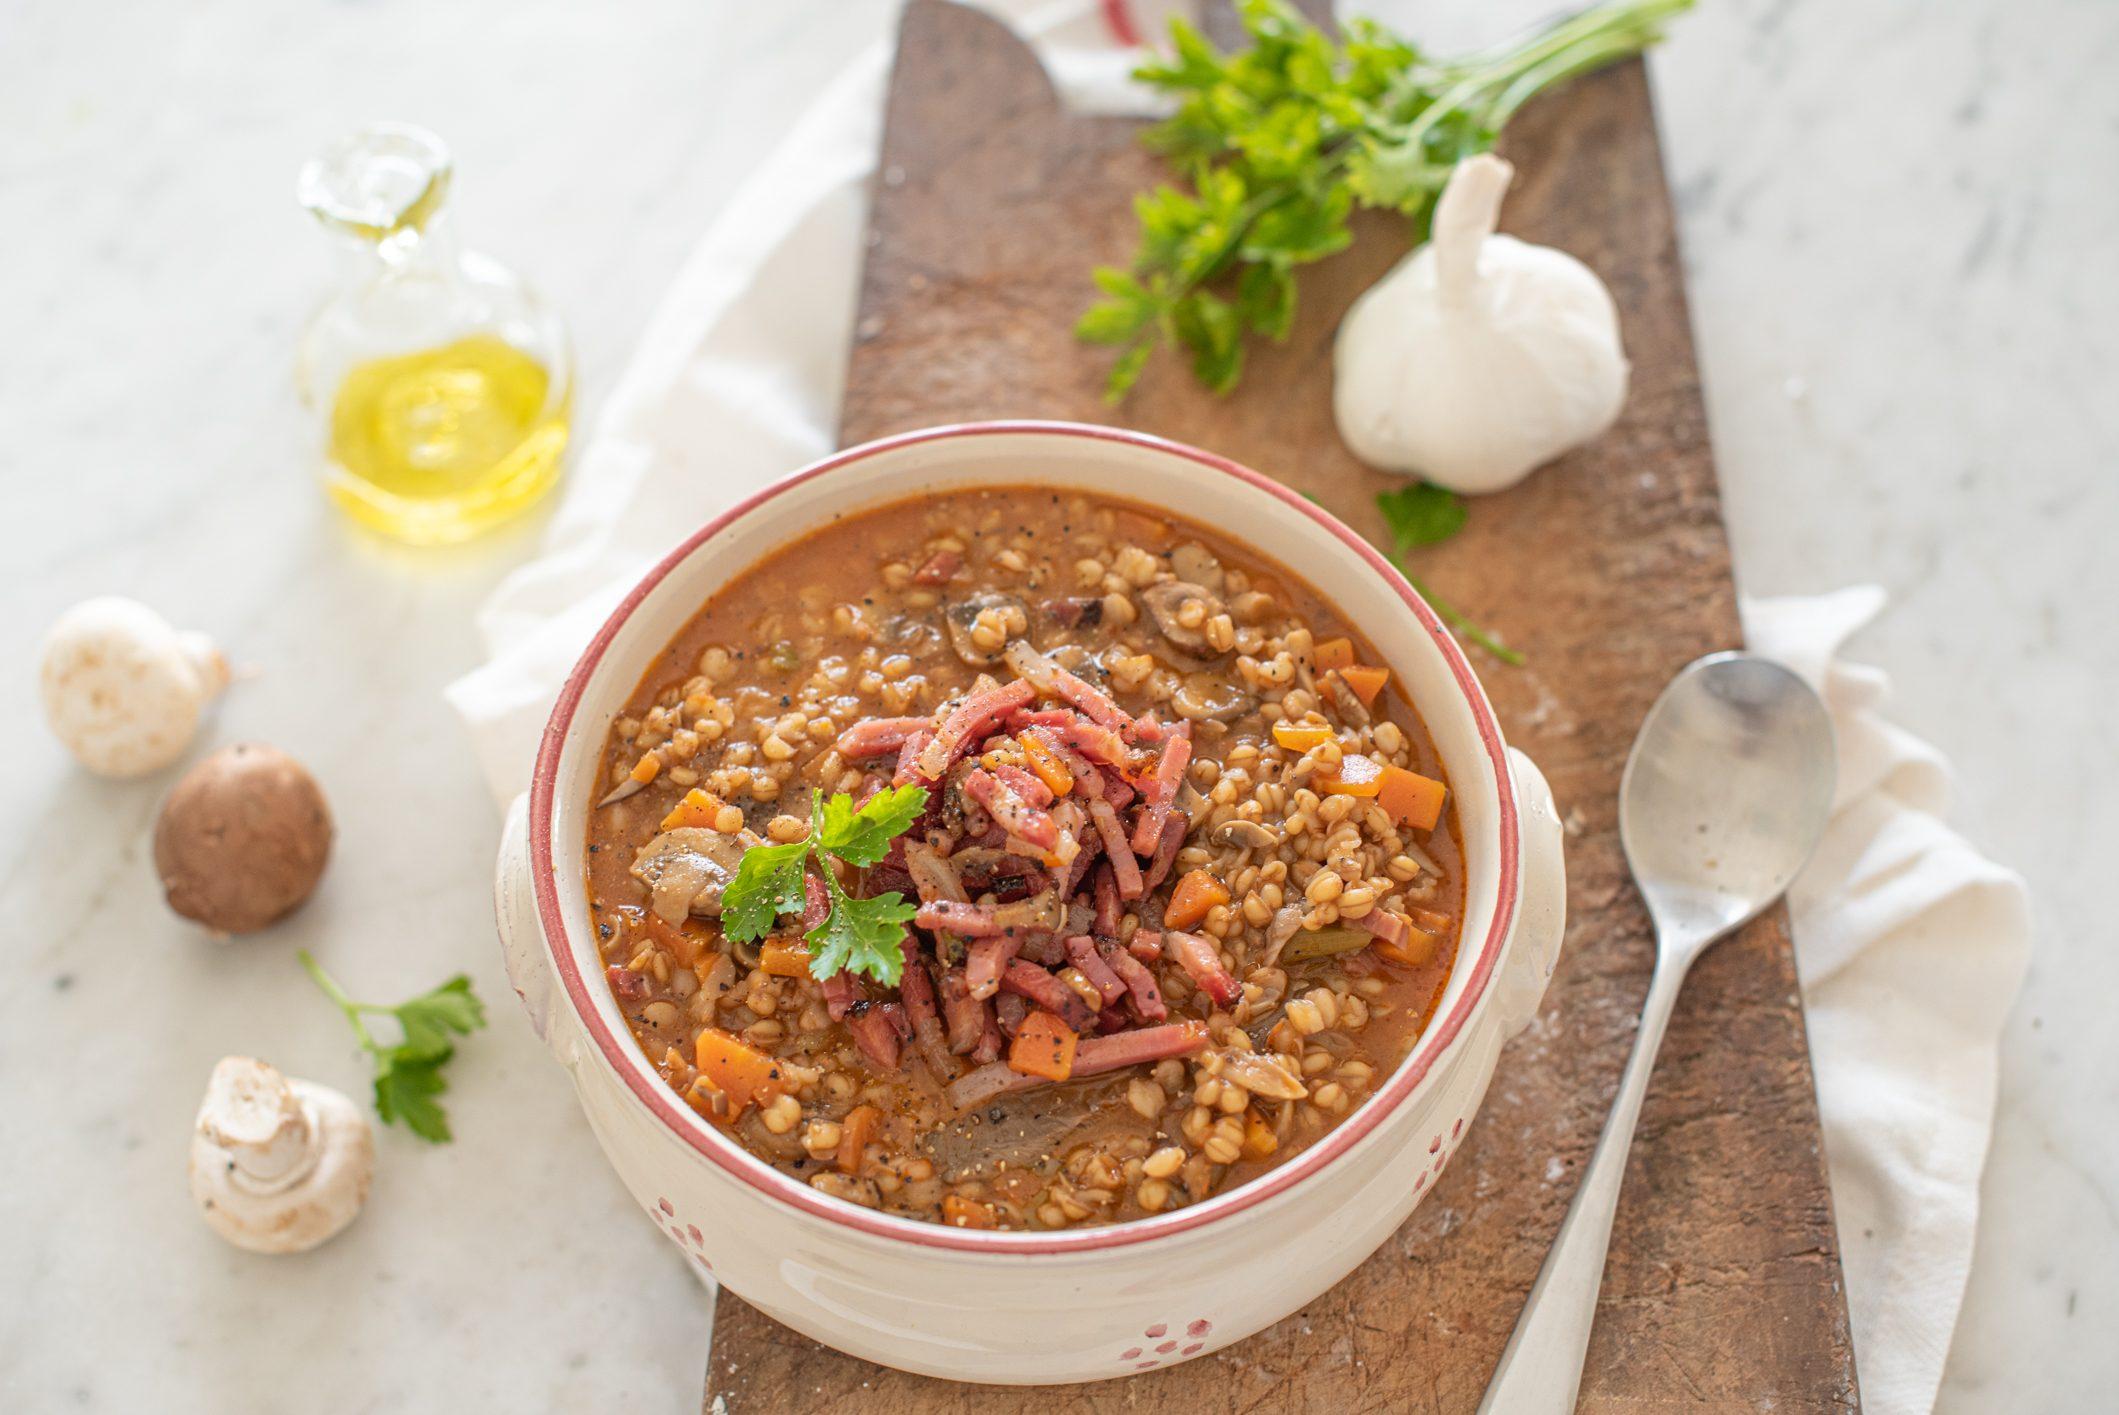 Minestra di orzo perlato e funghi porcini: la ricetta del confort food caldo e gustoso